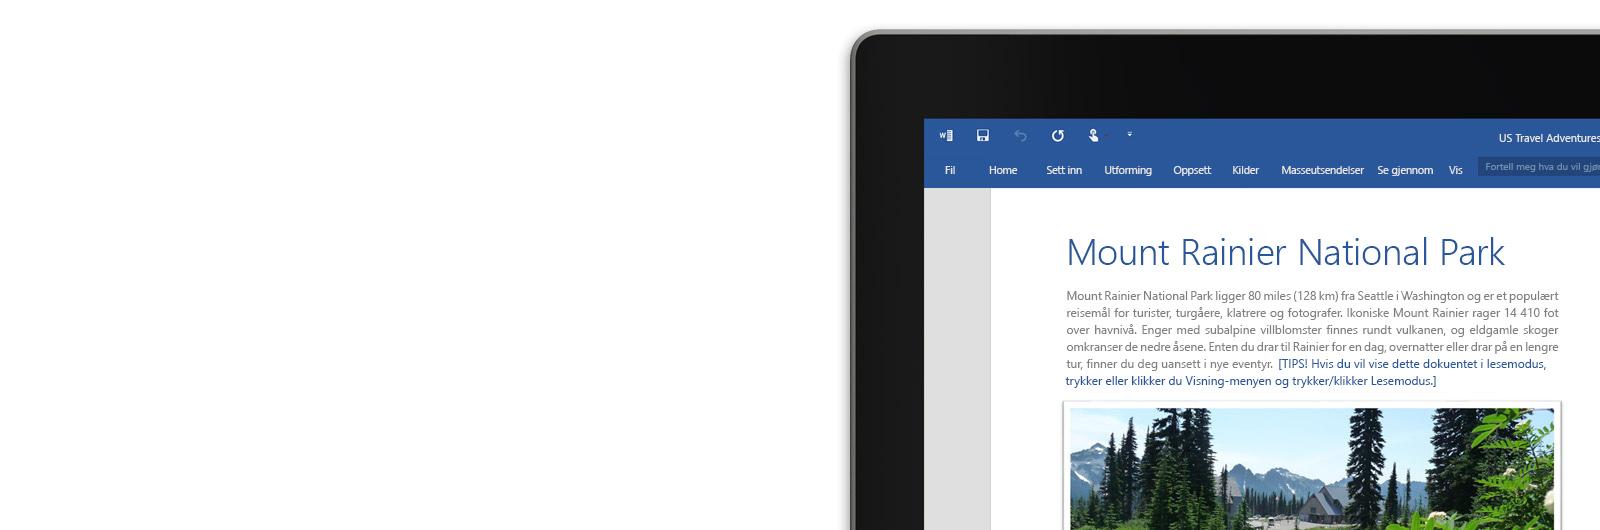 En bærbar PC med et Word-dokument på skjermen.